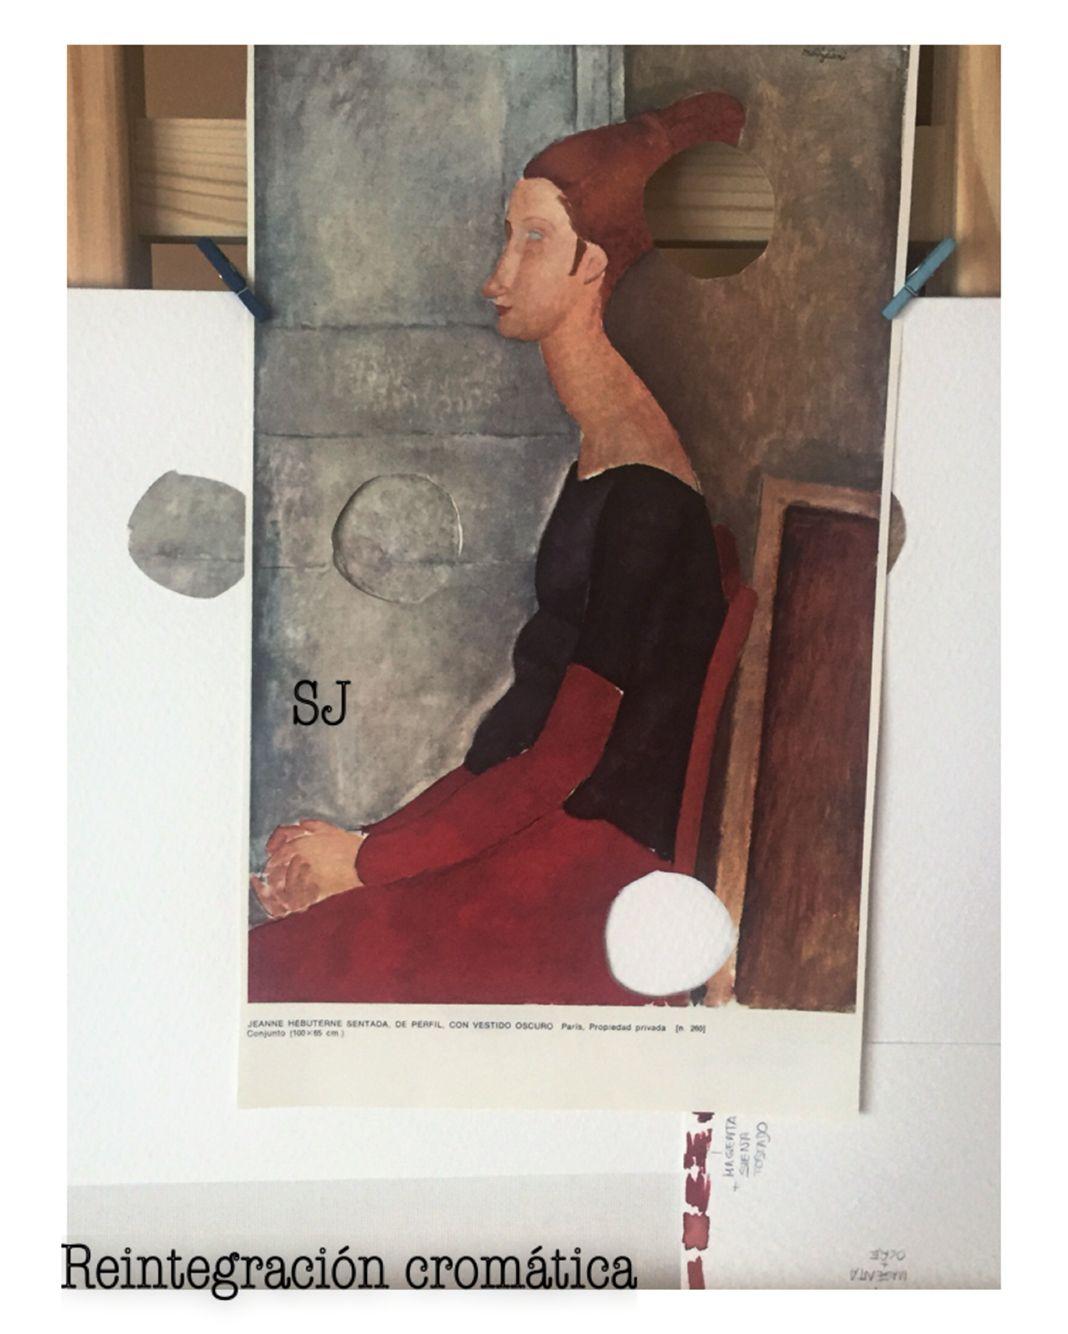 Reintegración cromática ilusionista a la acuarela de una lámina de Modigliani  #restauración #restauro #restauration #conservation #conservacion #art #arte #modigliani